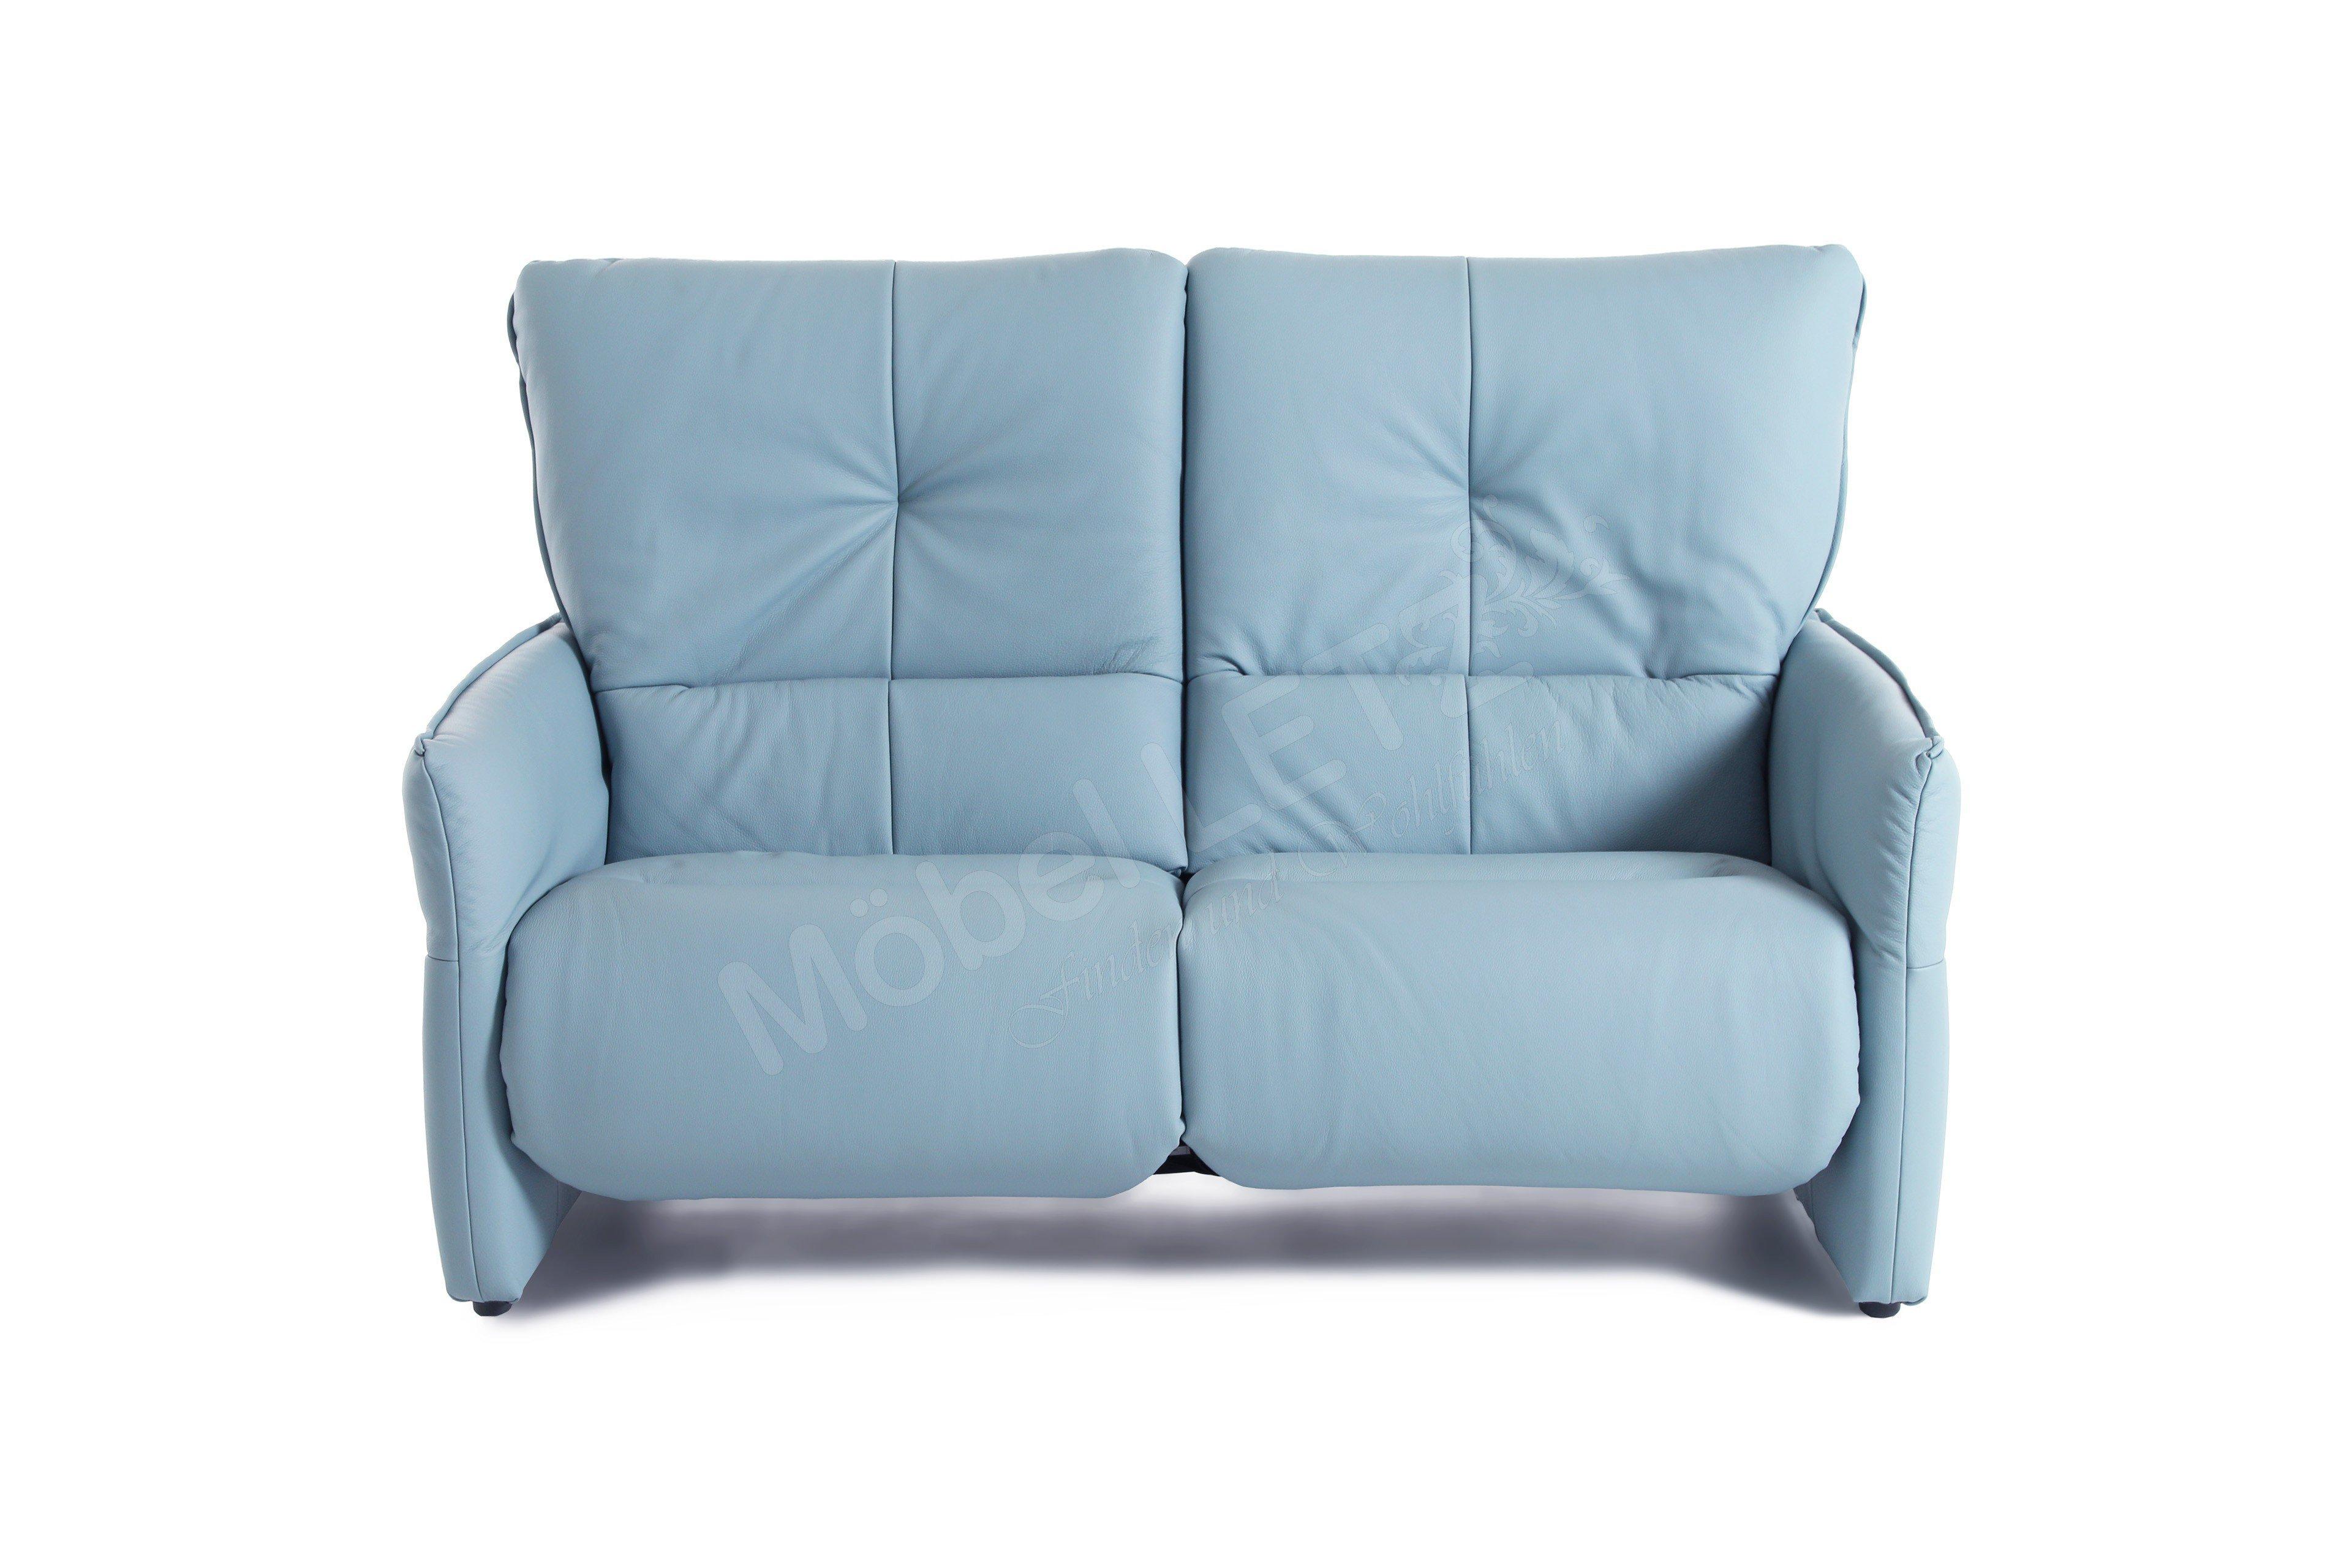 himolla polsterm bel 4513 polstergarnitur blau m bel letz ihr online shop. Black Bedroom Furniture Sets. Home Design Ideas